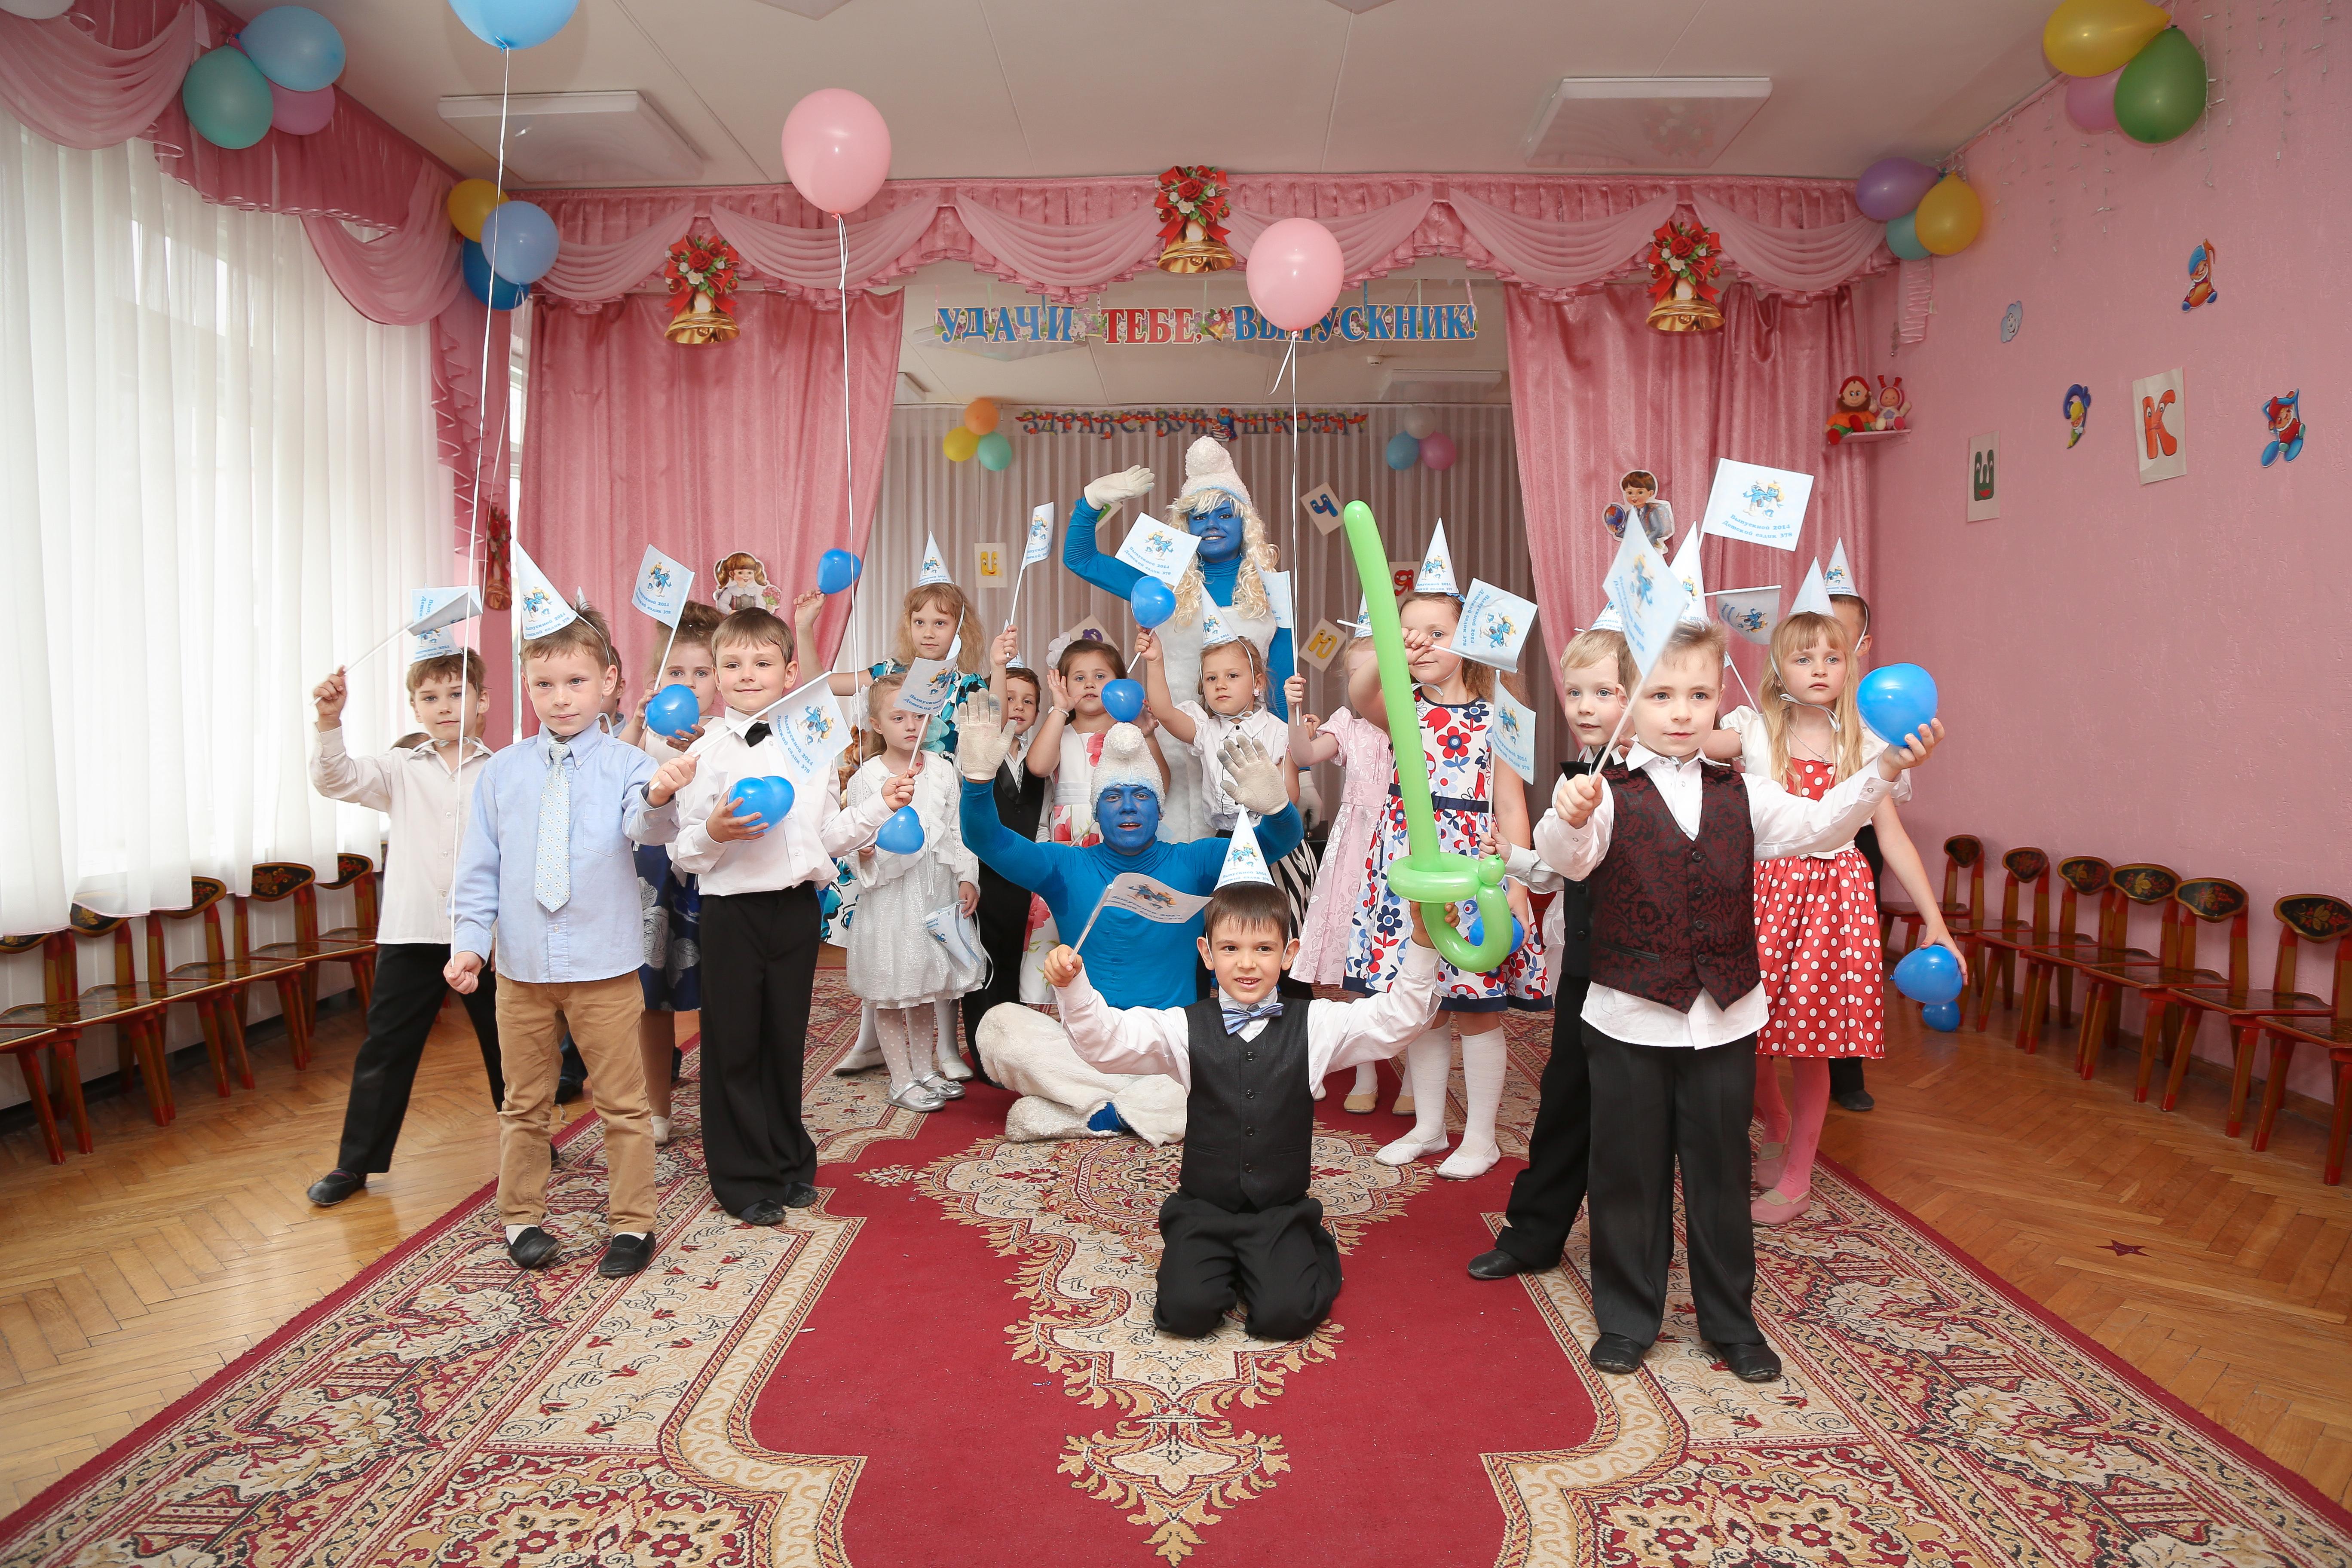 детский праздник Минск, оформление детского праздника, организация детского праздника, проведение детского праздника, заказать детский праздник